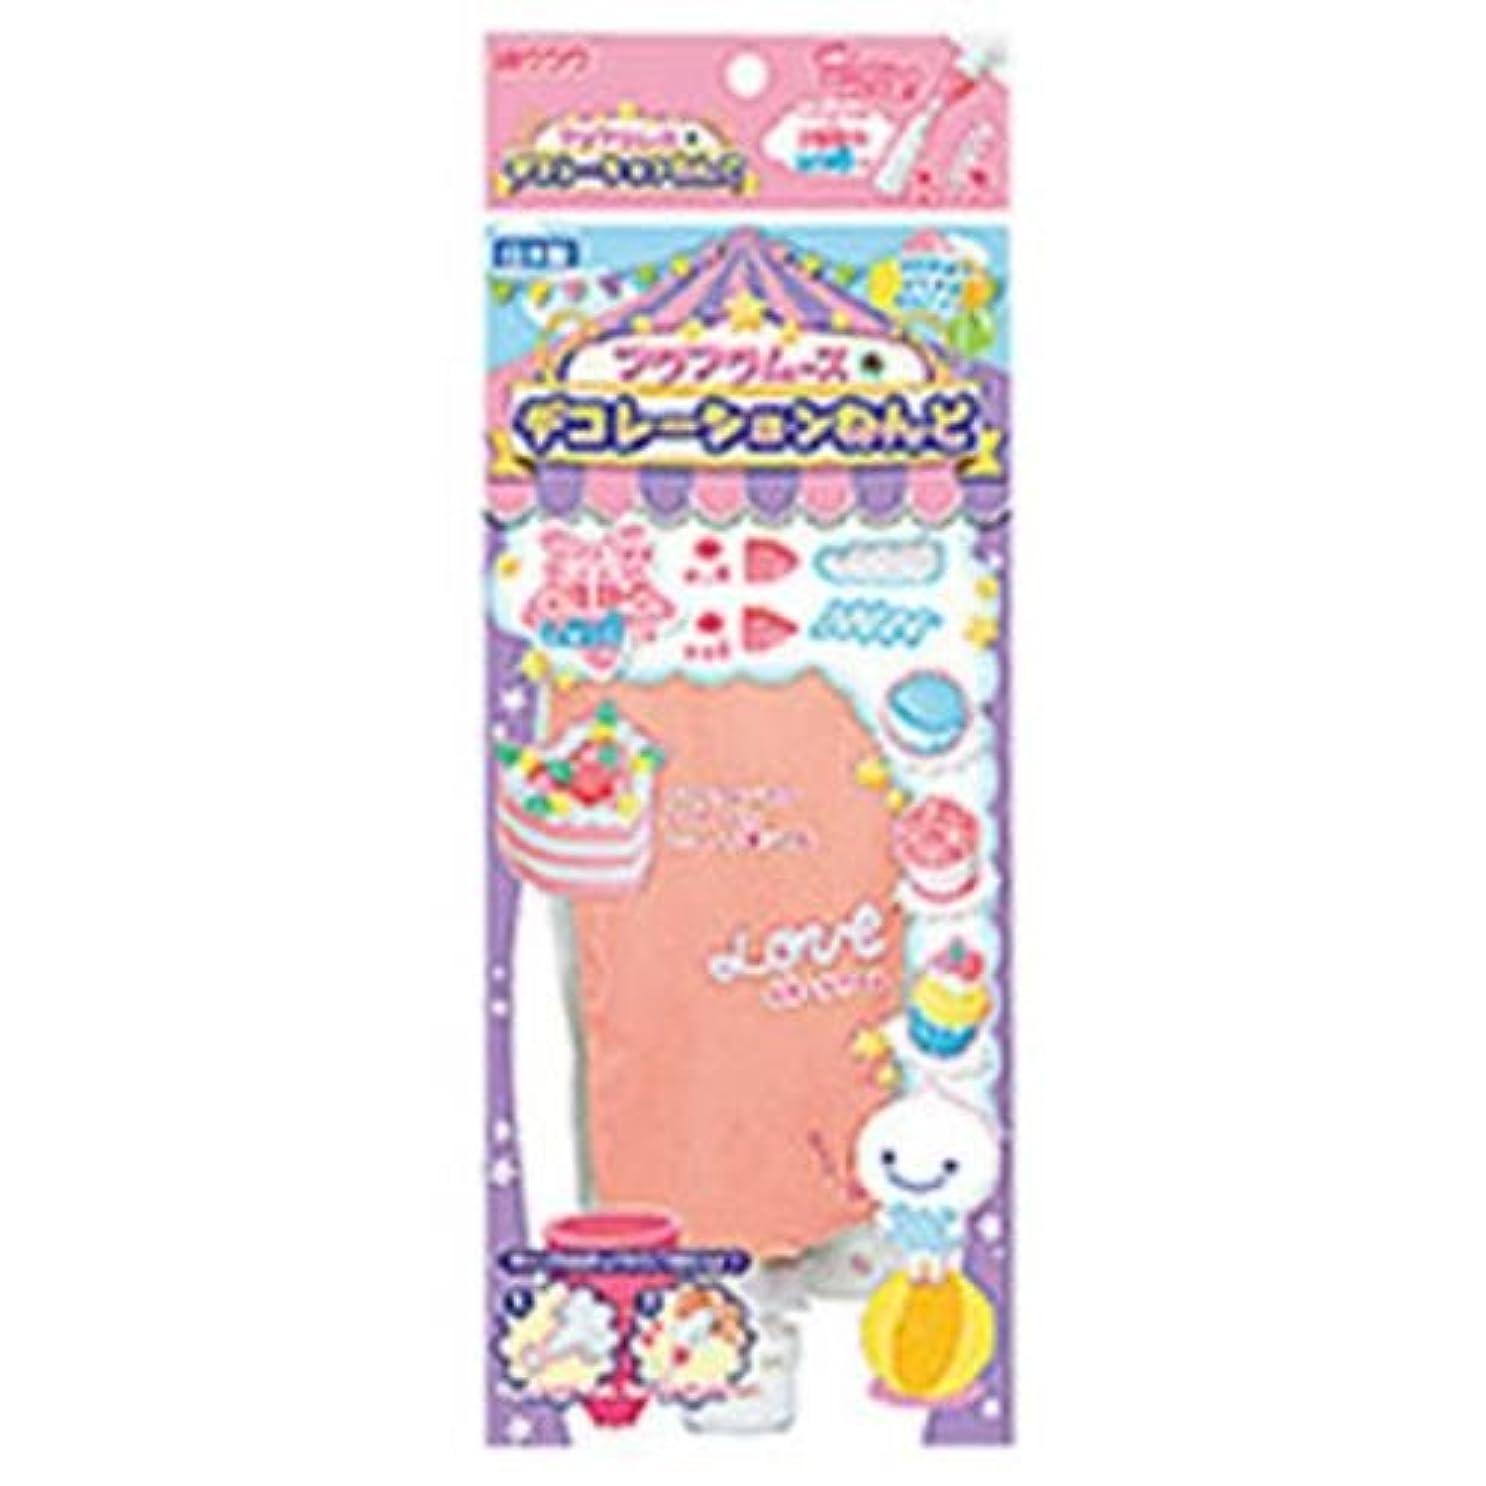 デコレーションねんど(ピンク) 192-299